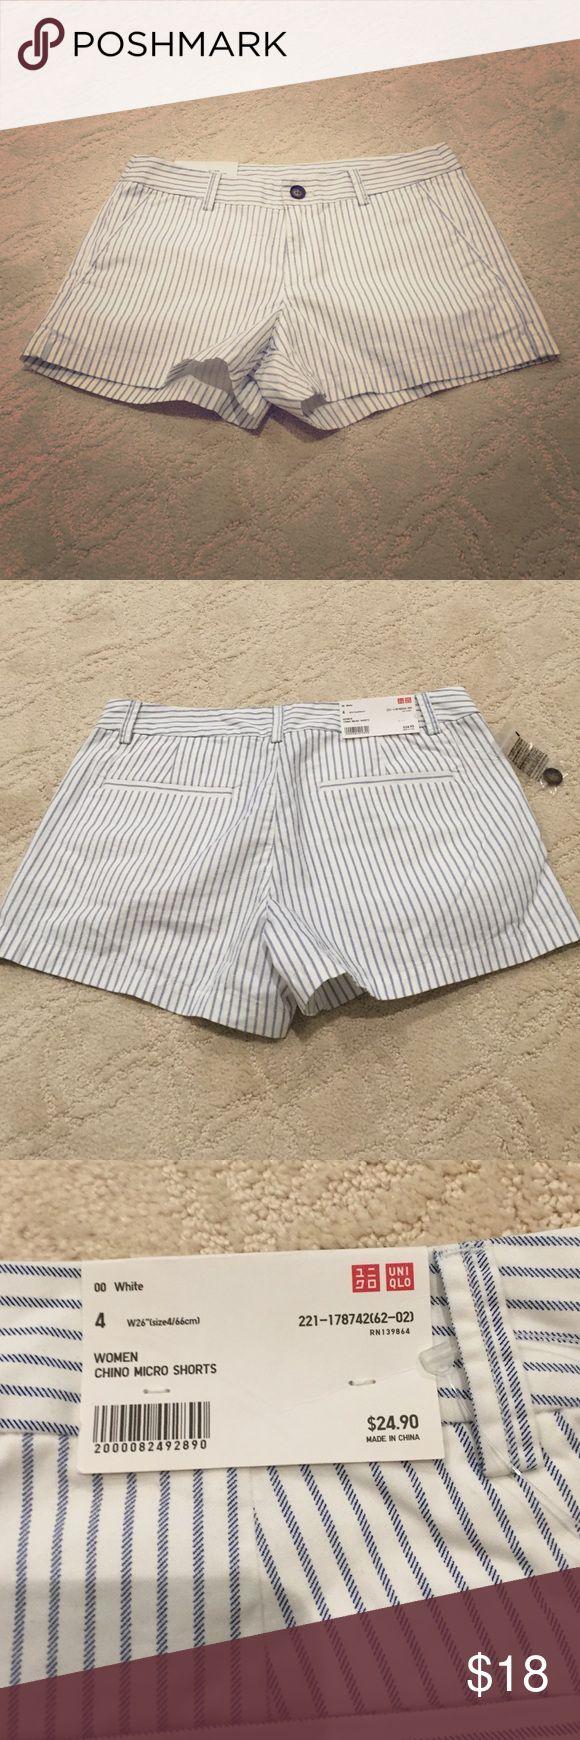 NWT blue and white uniqlo shorts New uniqlo chino micro shorts size 4 UNIQLO Shorts